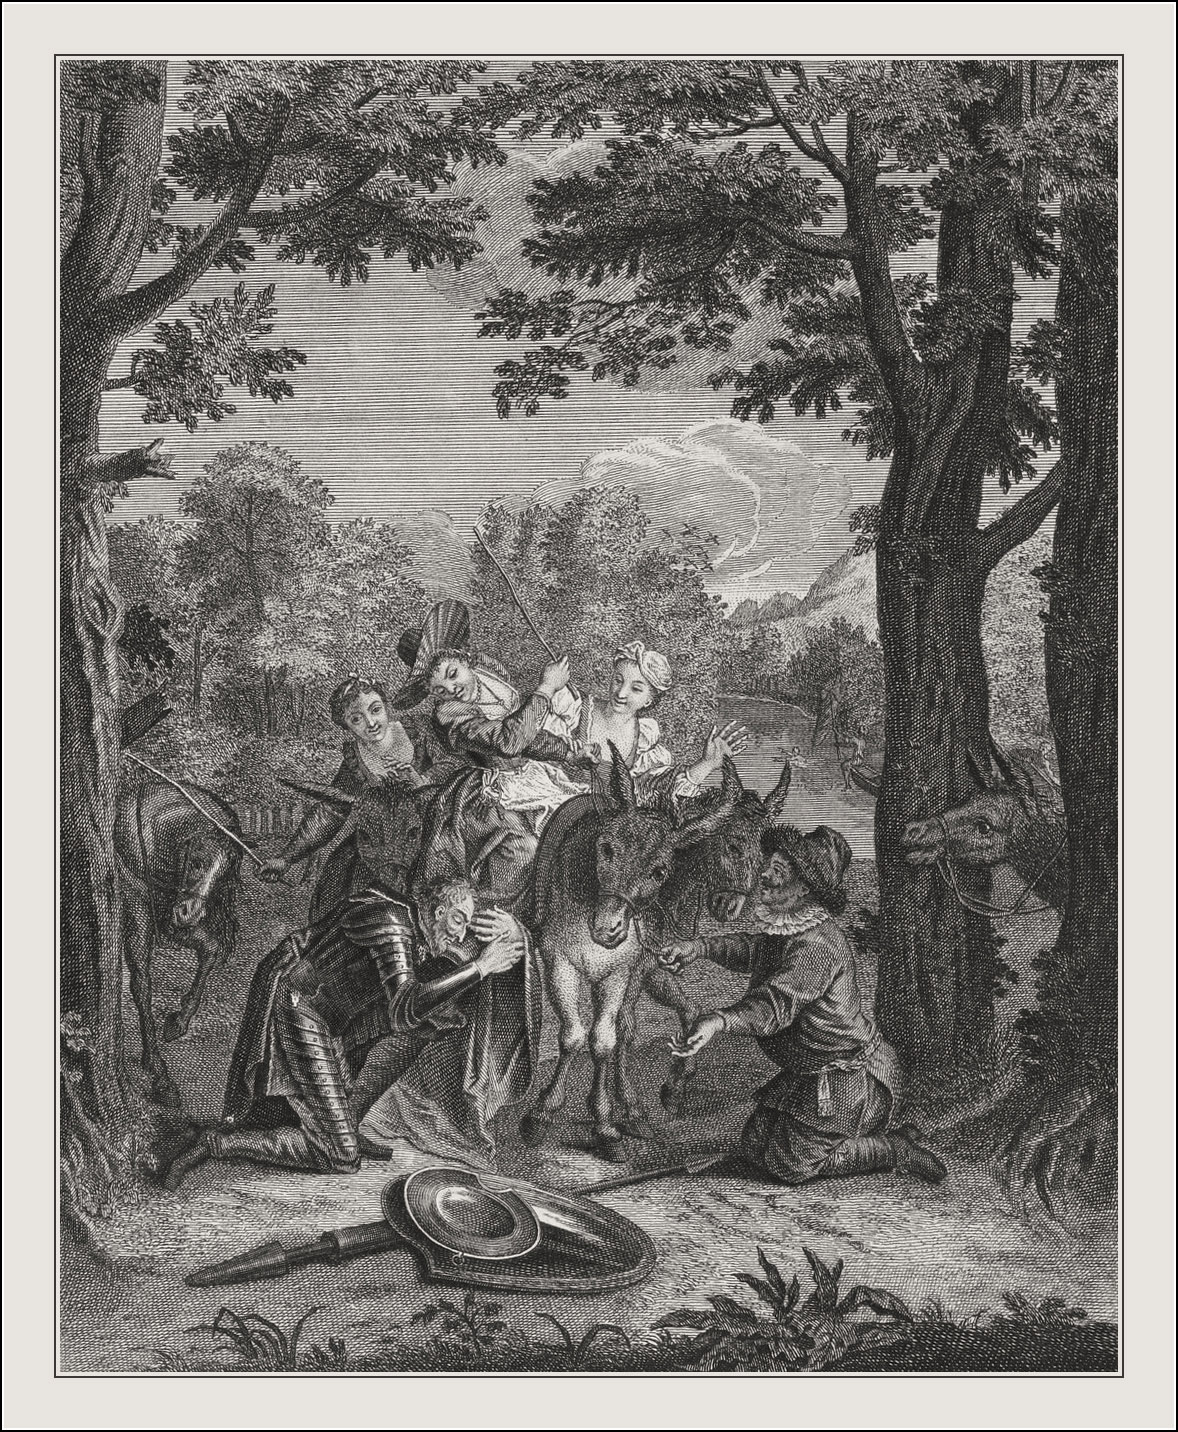 Les Principales avantures de l'admirable Don Quichotte